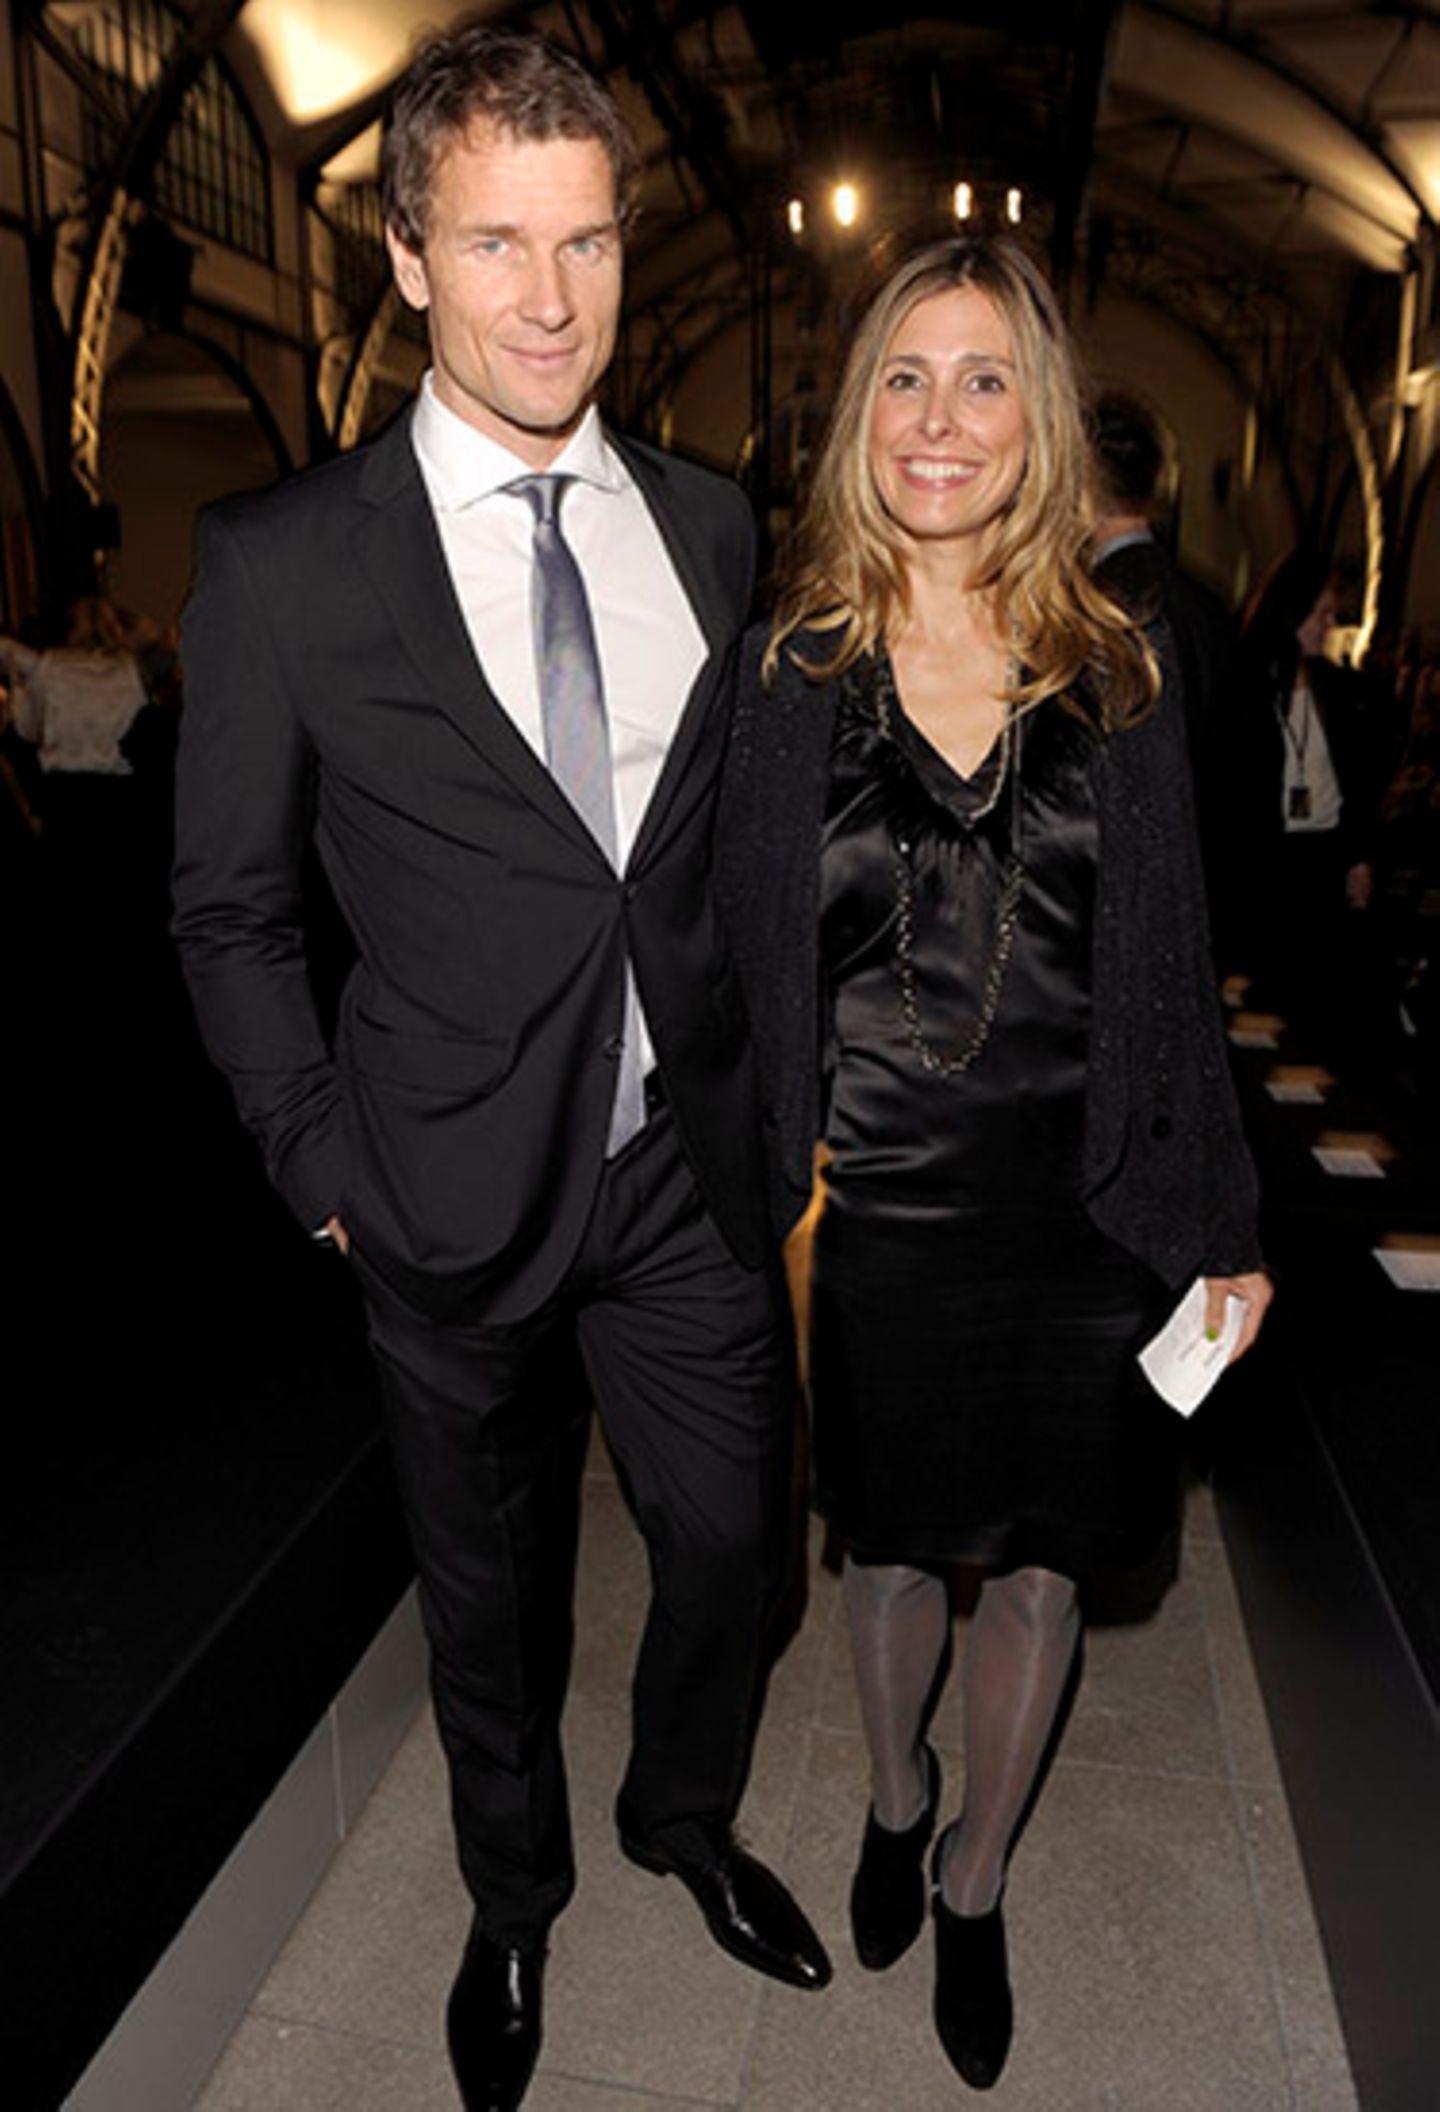 Jens Lehmann und seine Frau Conny freuen sich auf die Veranstaltung im Hamburger Bahnhof.